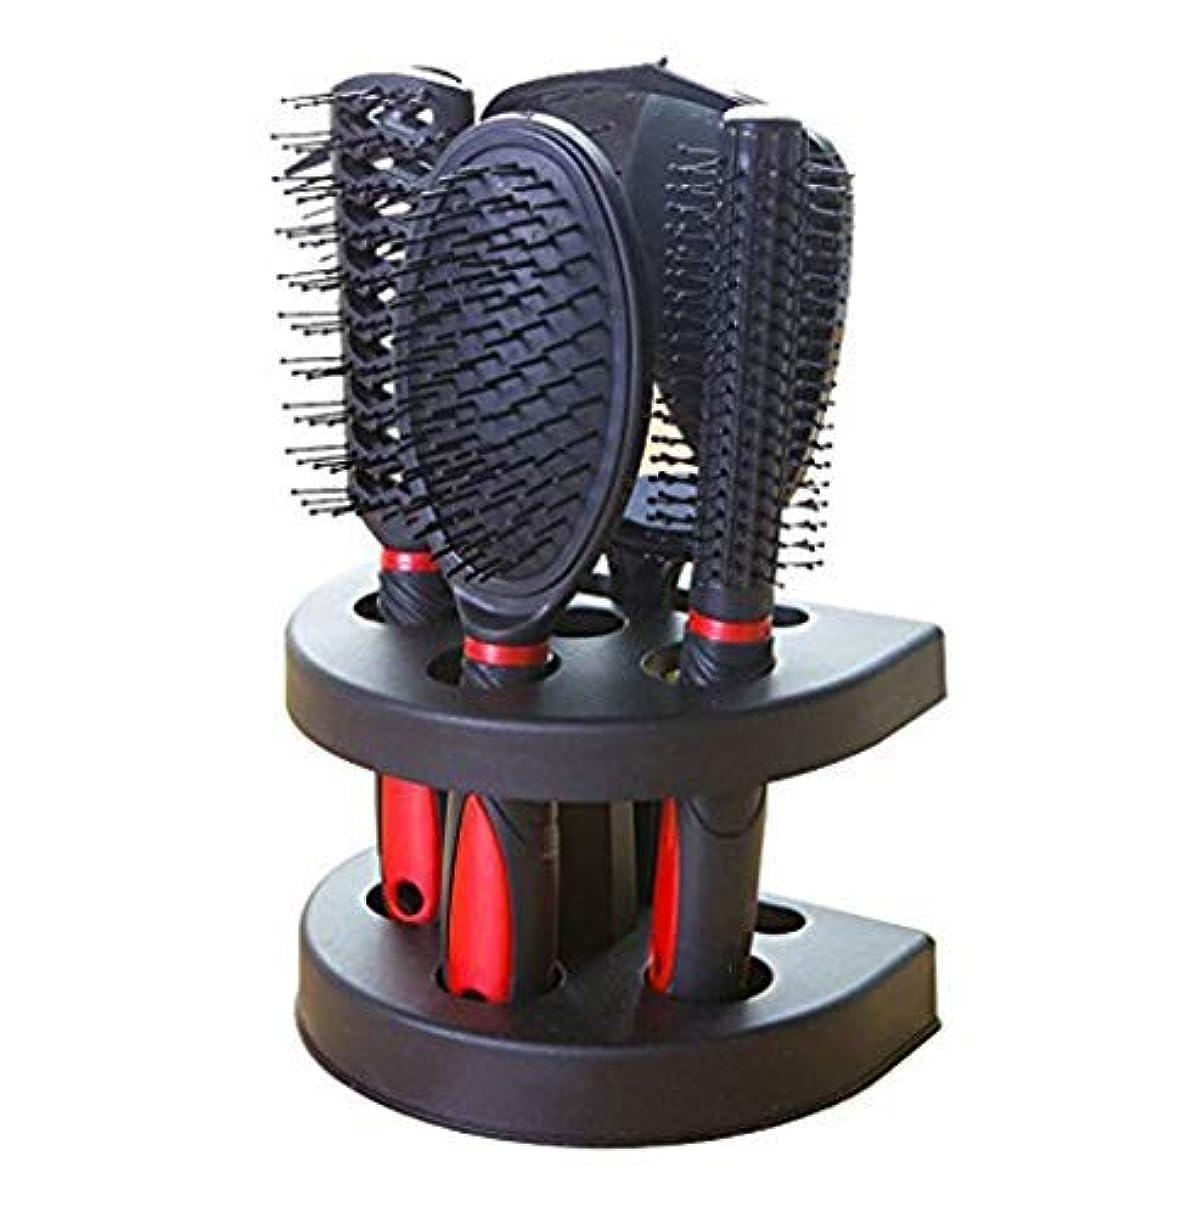 確執負追うHealthcom Hairs Combs Salon Hairdressing Styling Tool Hair Cutting Brushes Sets Dressing Comb Kits,Set of 5 [並行輸入品]